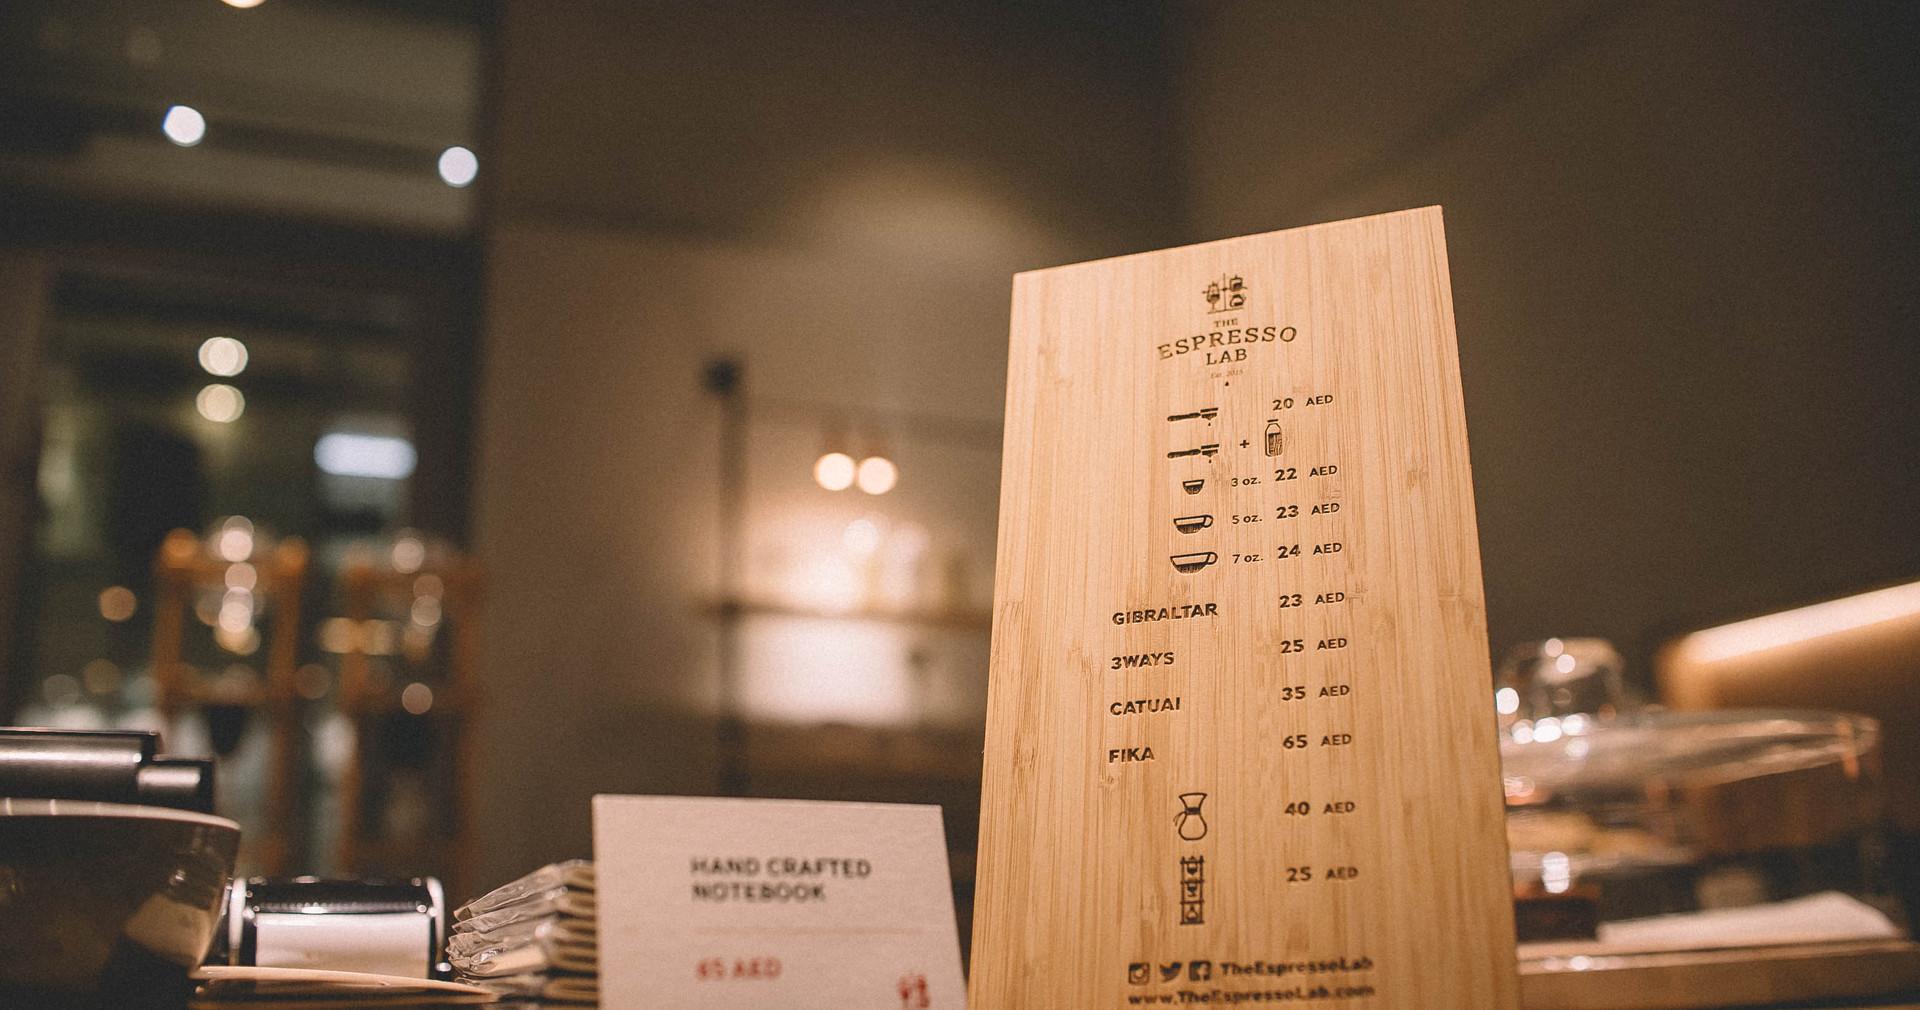 07 TLL Espresso Lab Board and card.jpg